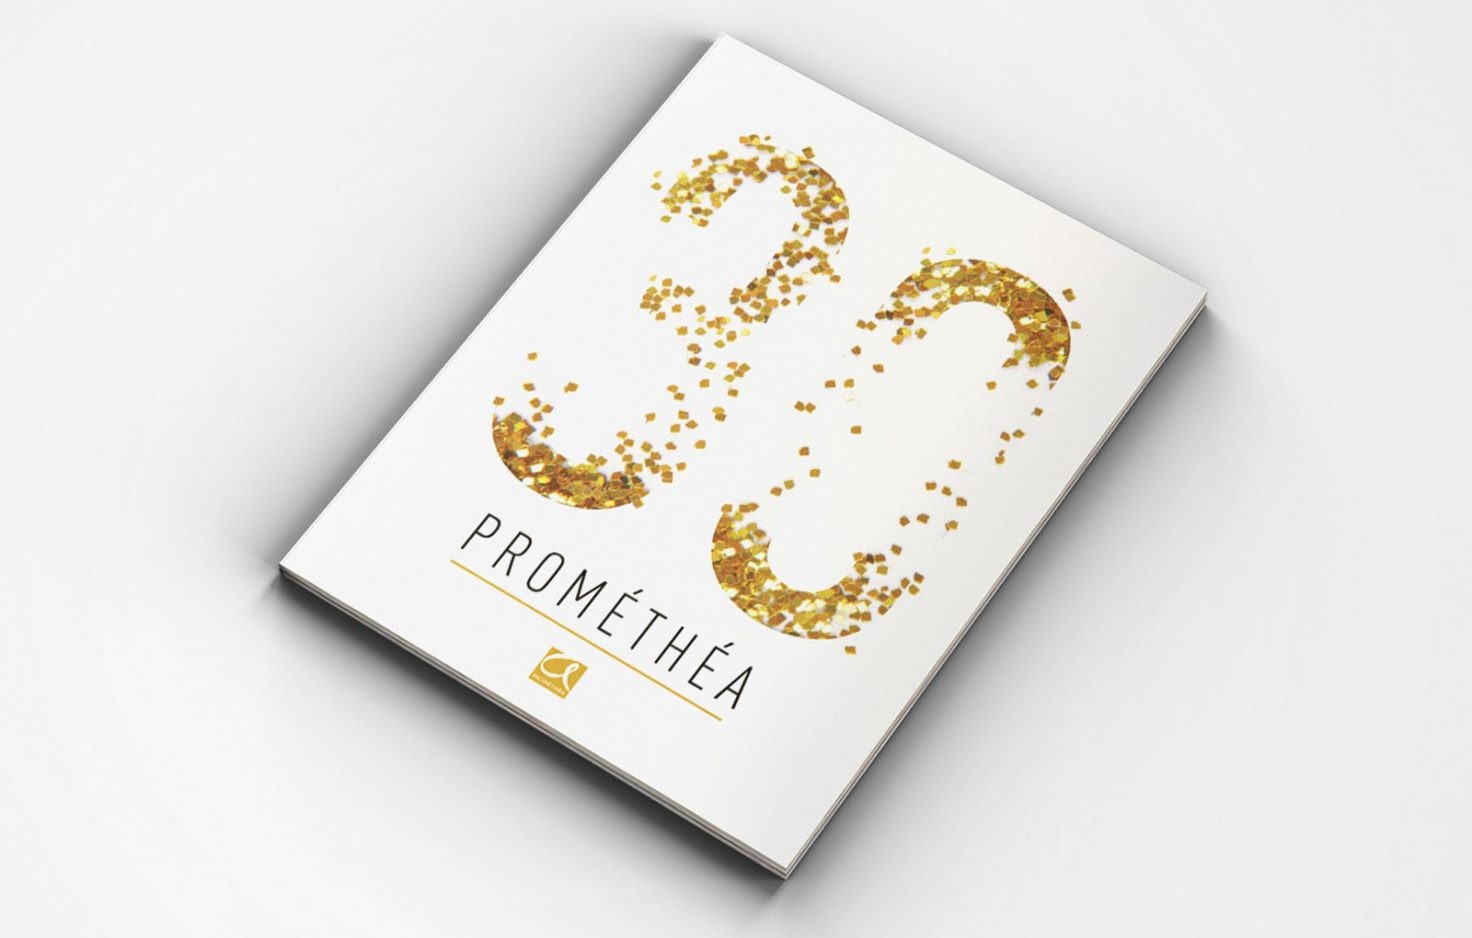 Foto met brochure van 30 jaar van Prométhéa